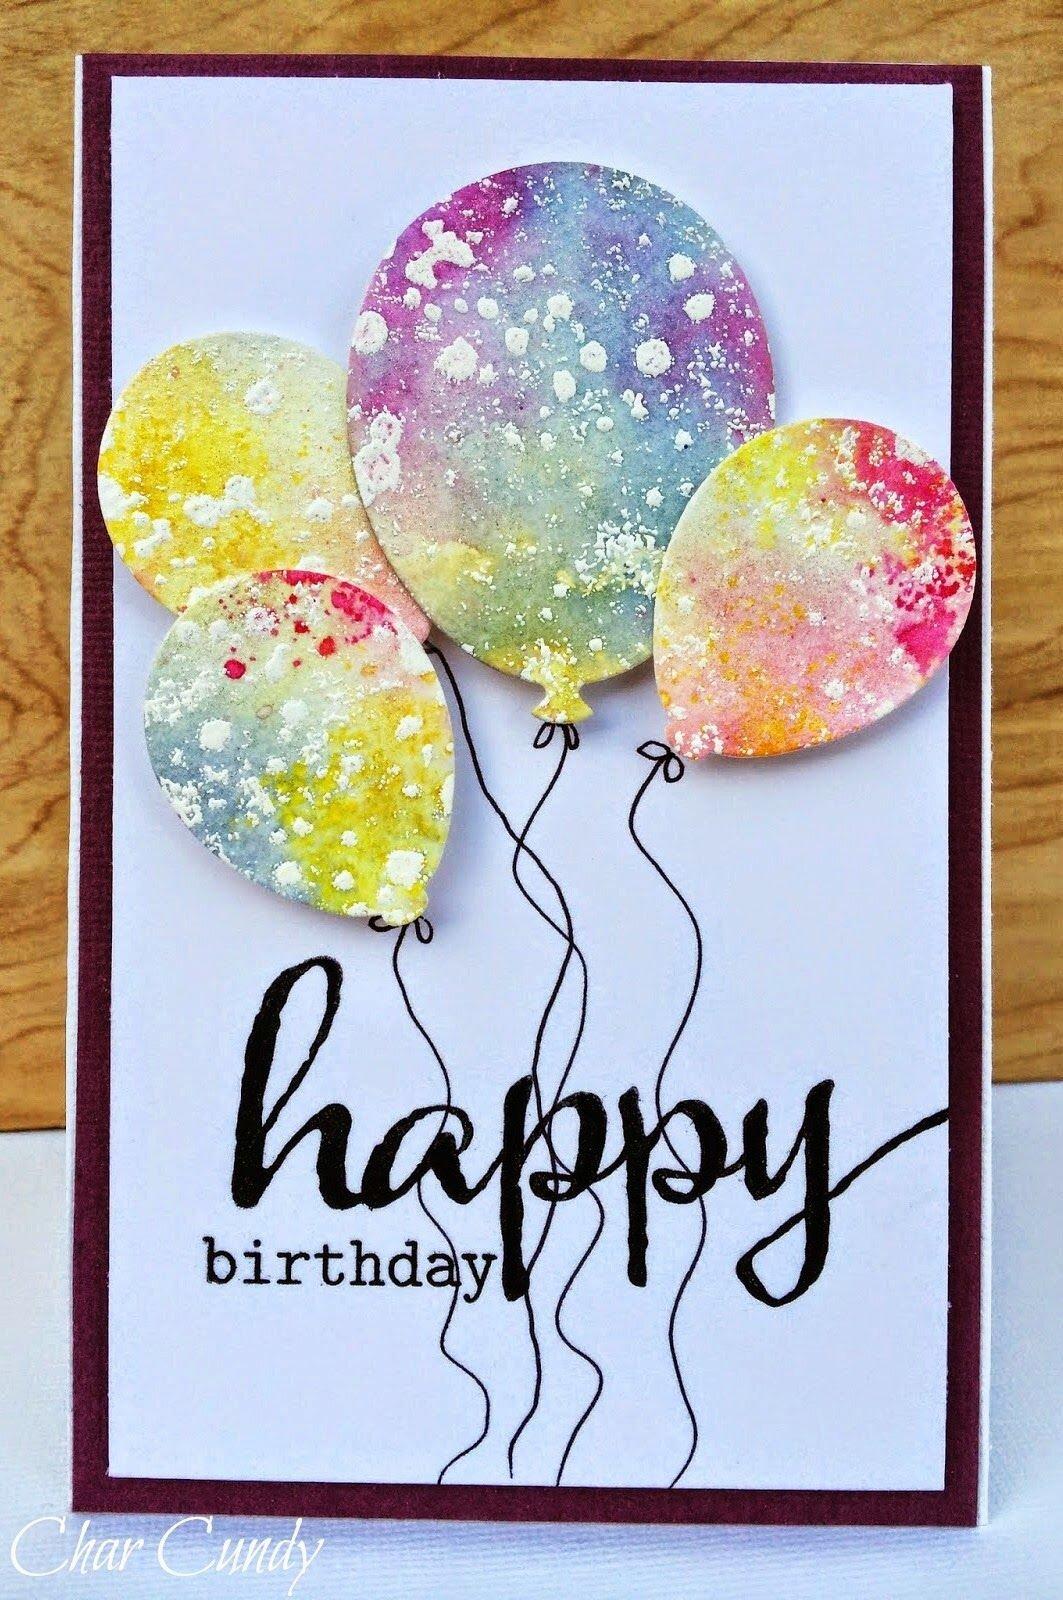 Как оформить открытку на день рождения подруги